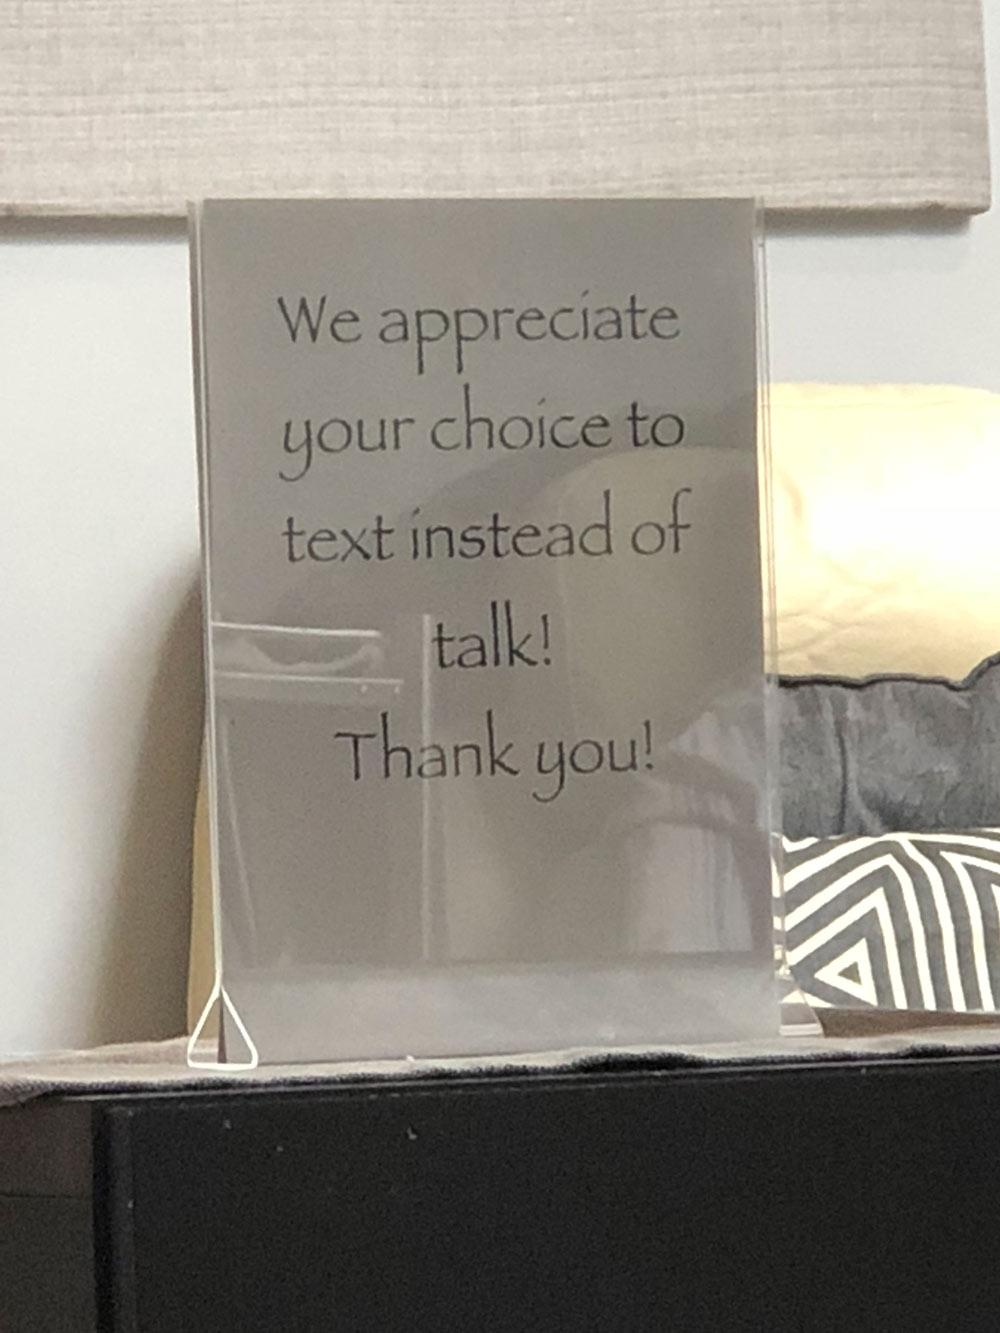 weird texting sign